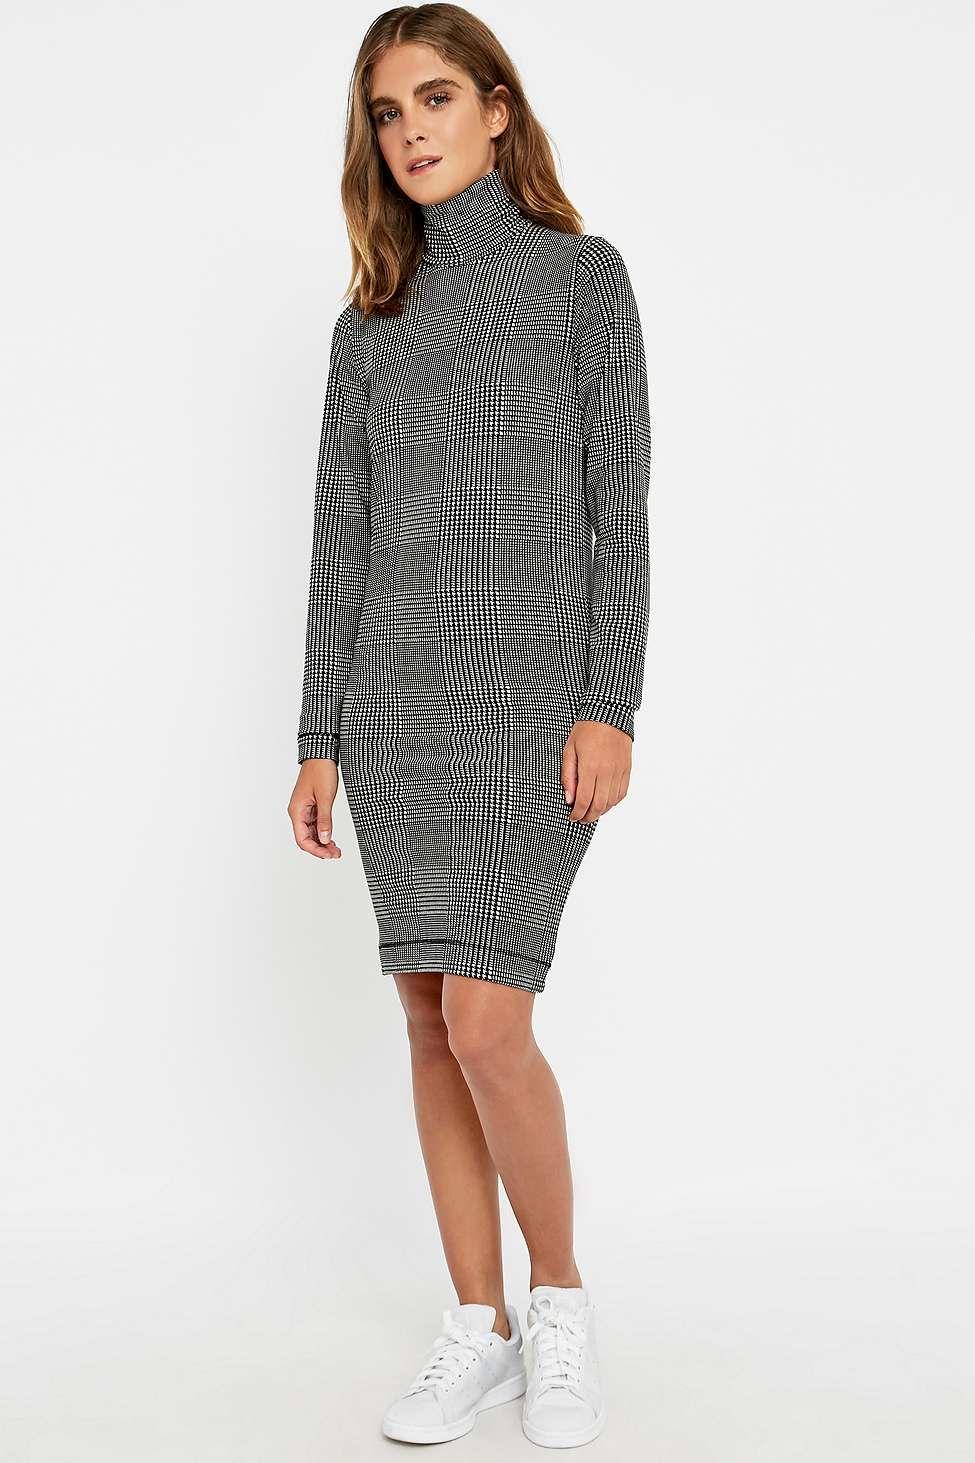 Manteau de printemps pour femme aubainerie